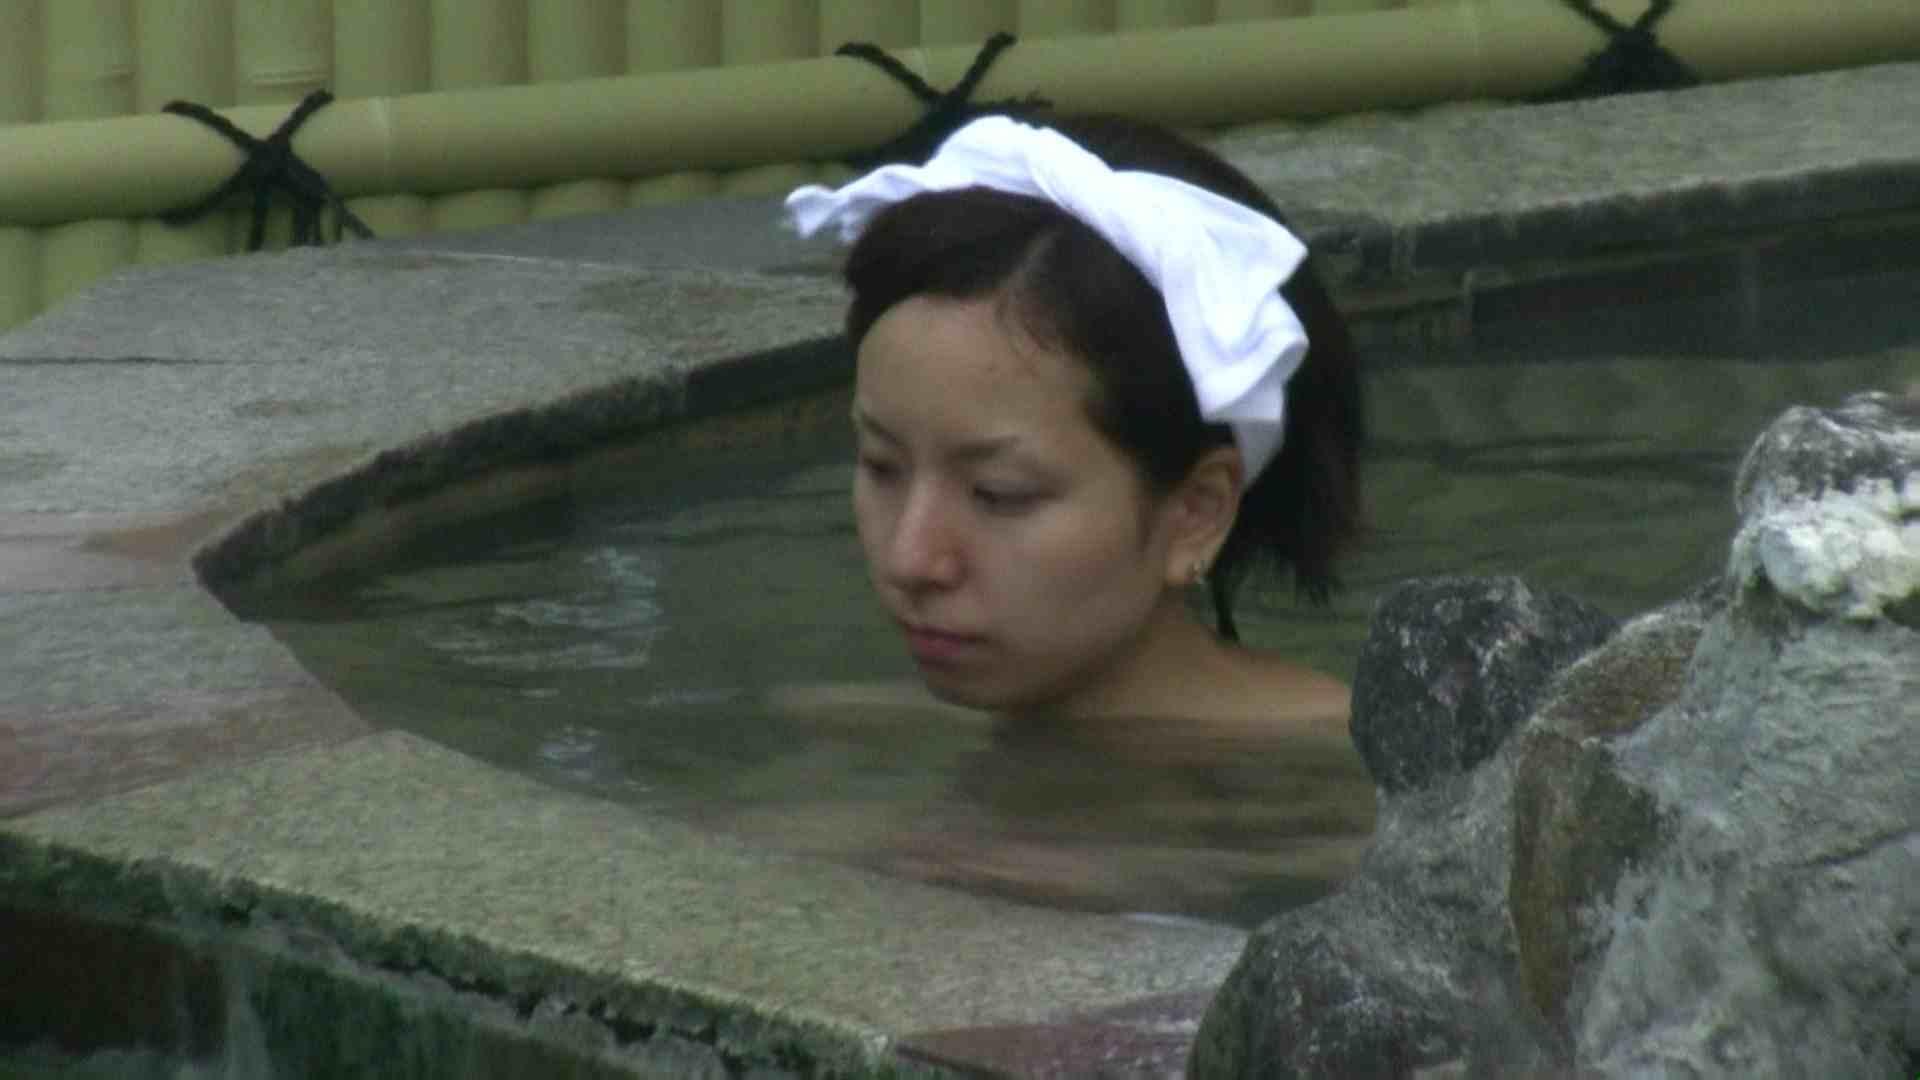 Aquaな露天風呂Vol.39【VIP】 露天 | 盗撮  111枚 4